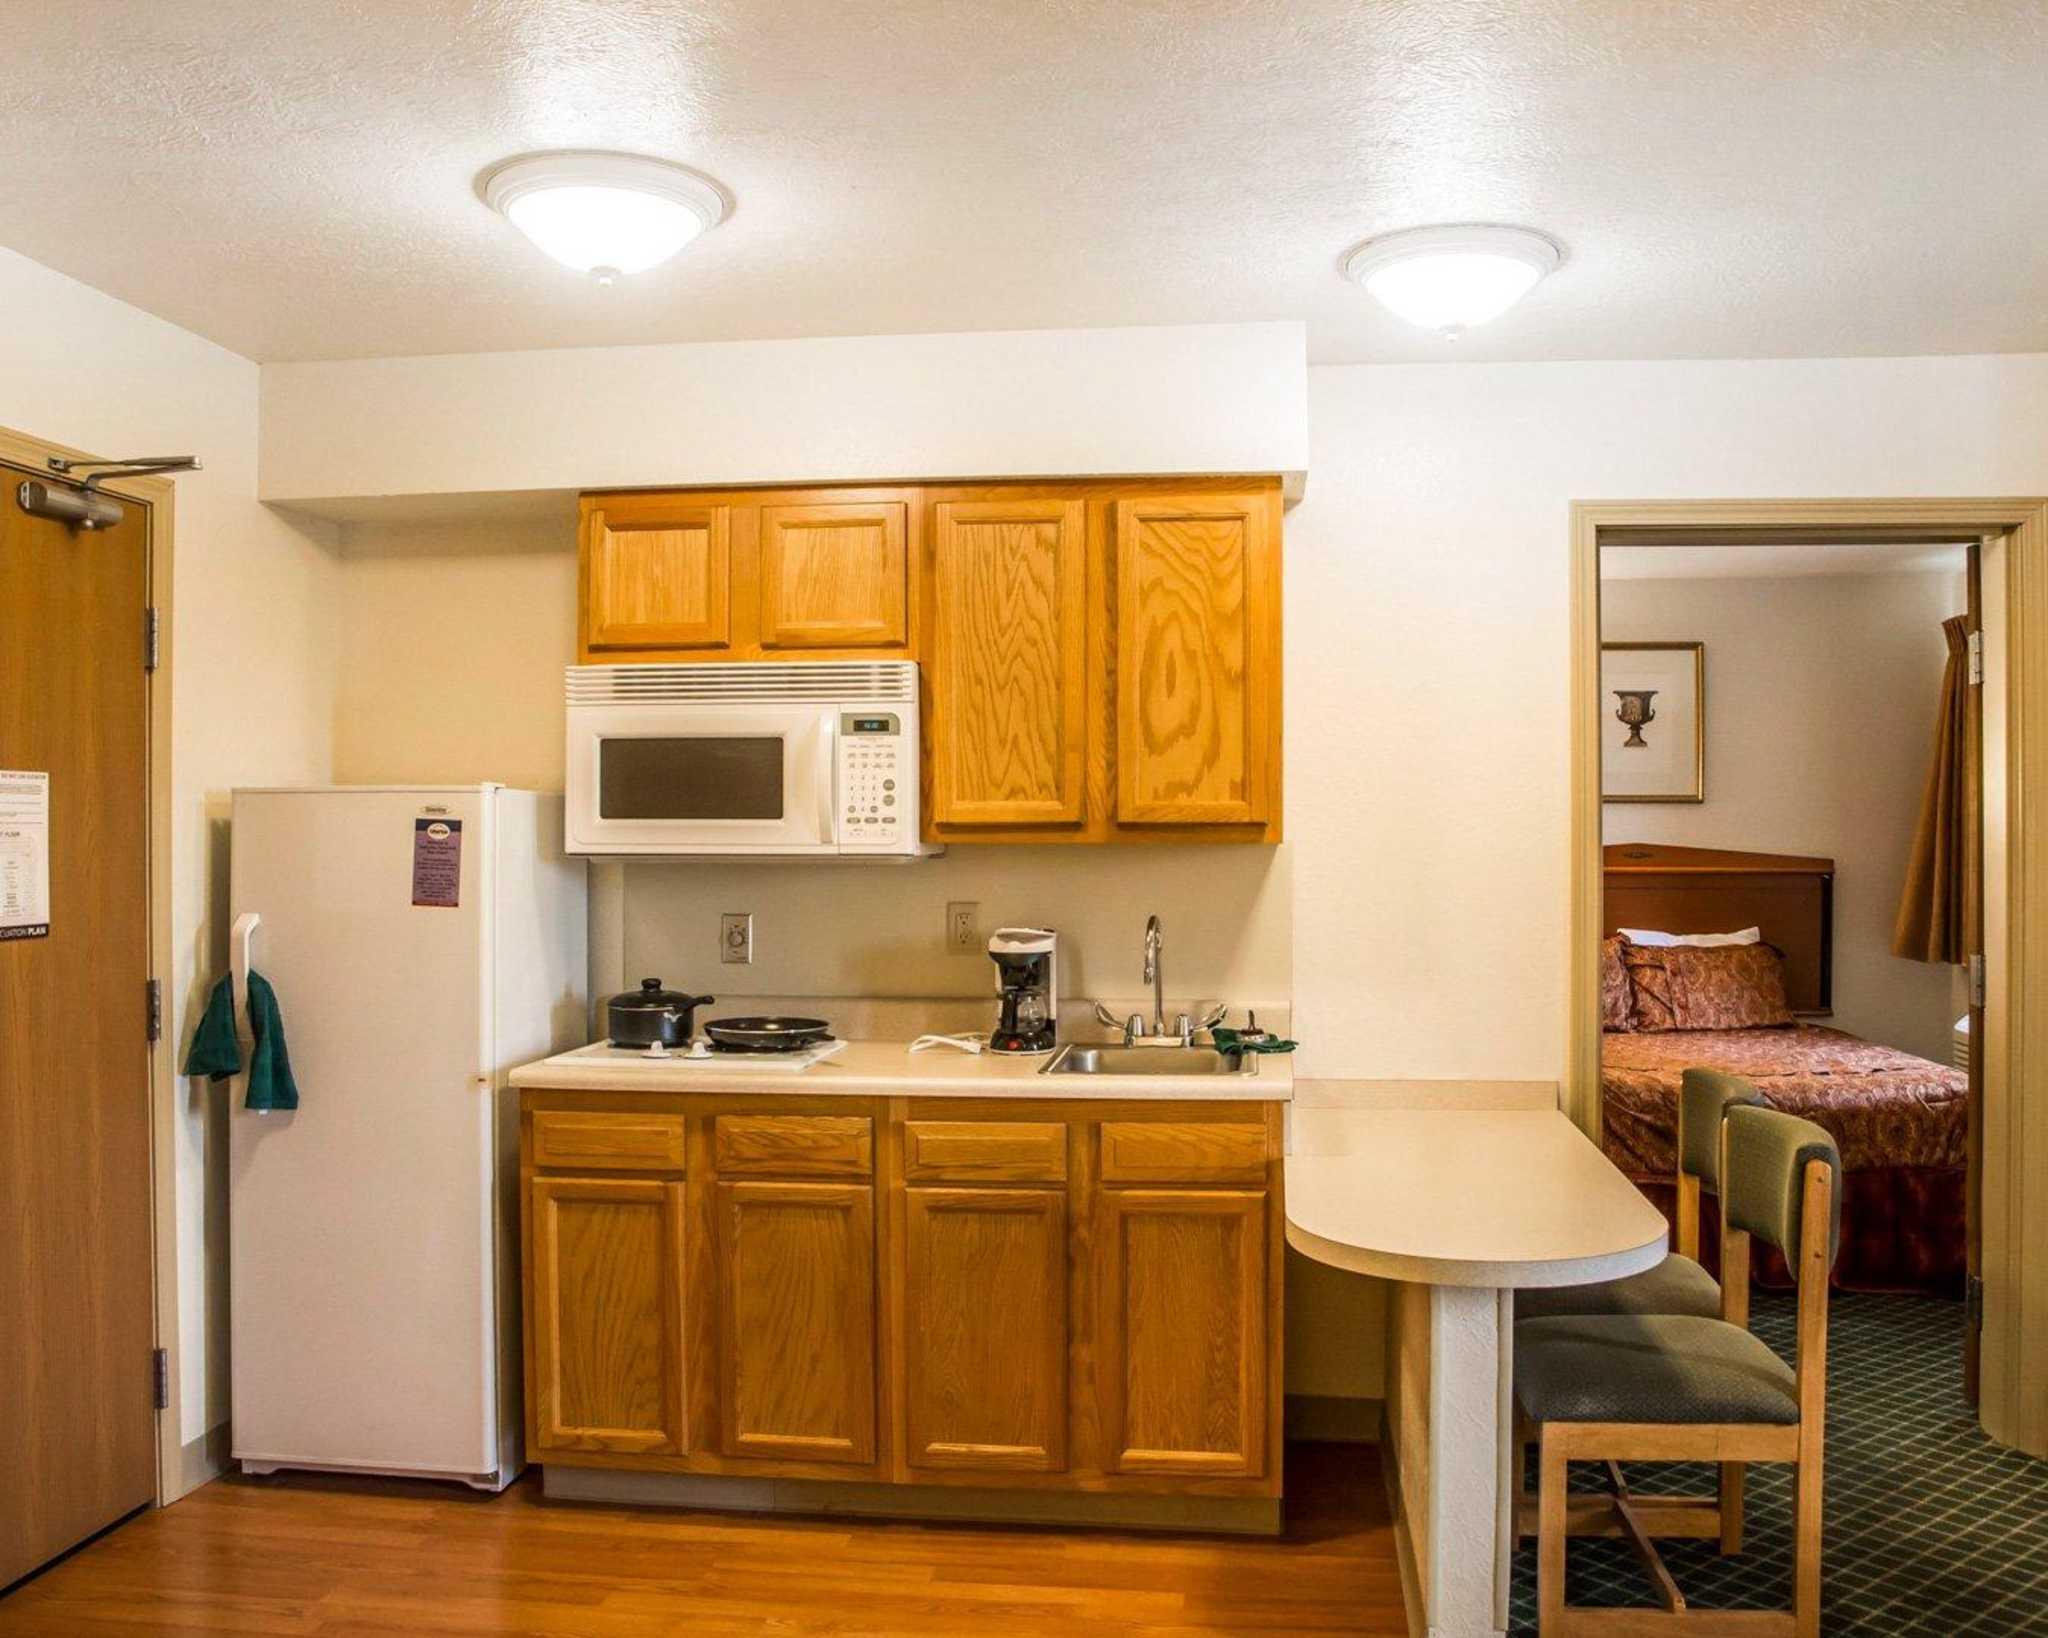 Suburban Extended Stay Hotel Dayton-WP AFB image 10